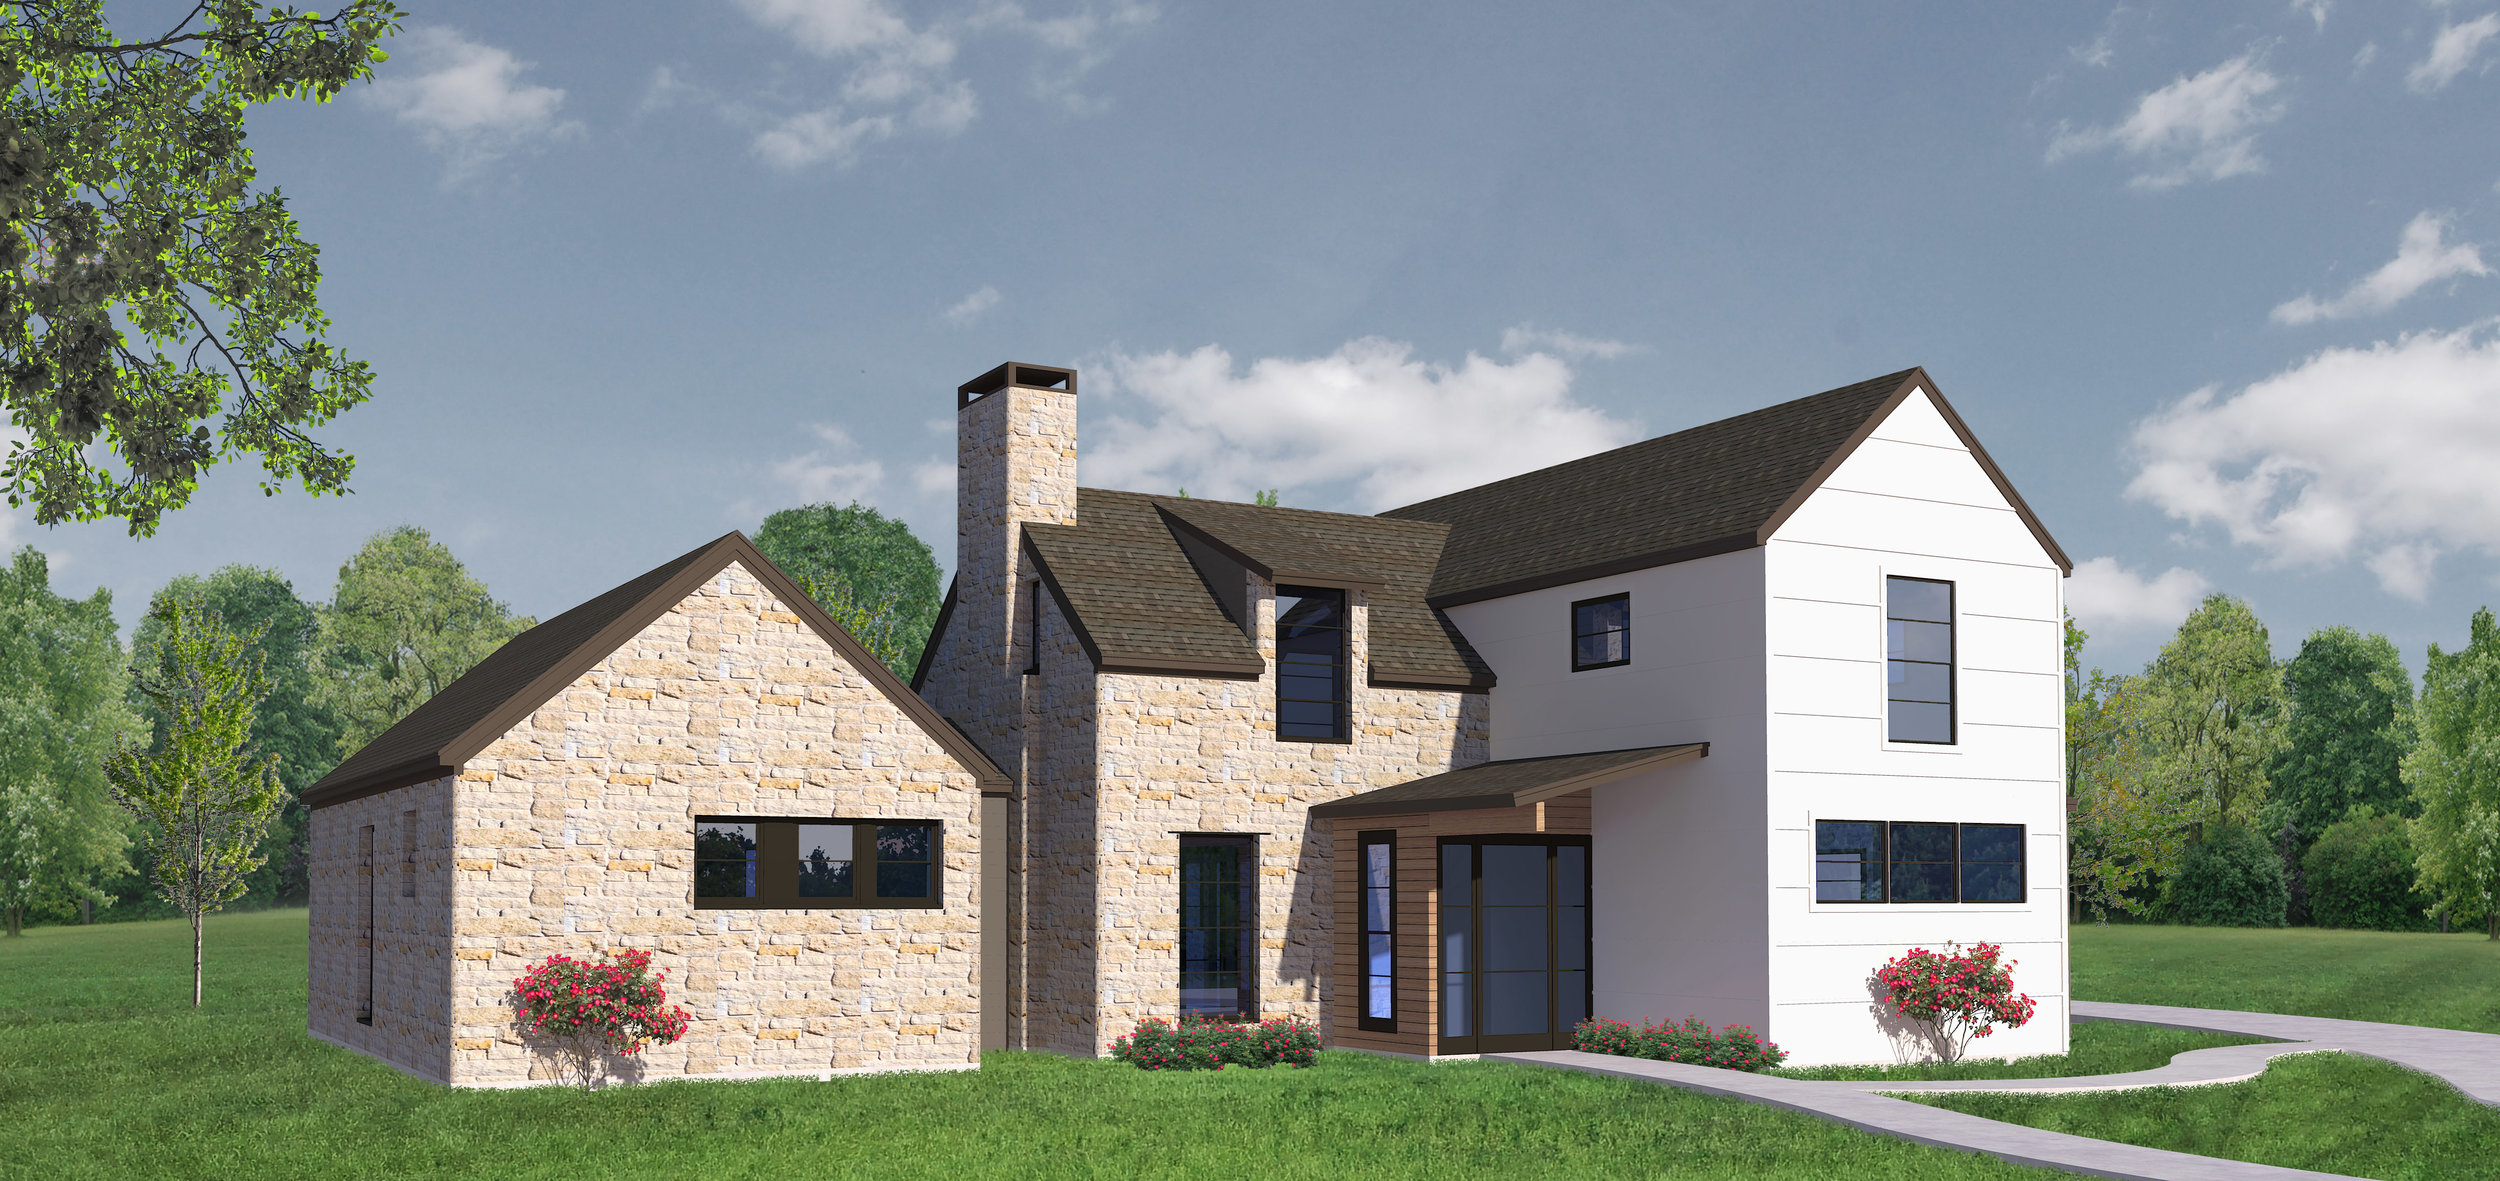 Lot E4 Primrose Court / 3 bedroom+flex / 3.5 bath / 2 car garage / 3052 conditioned sf